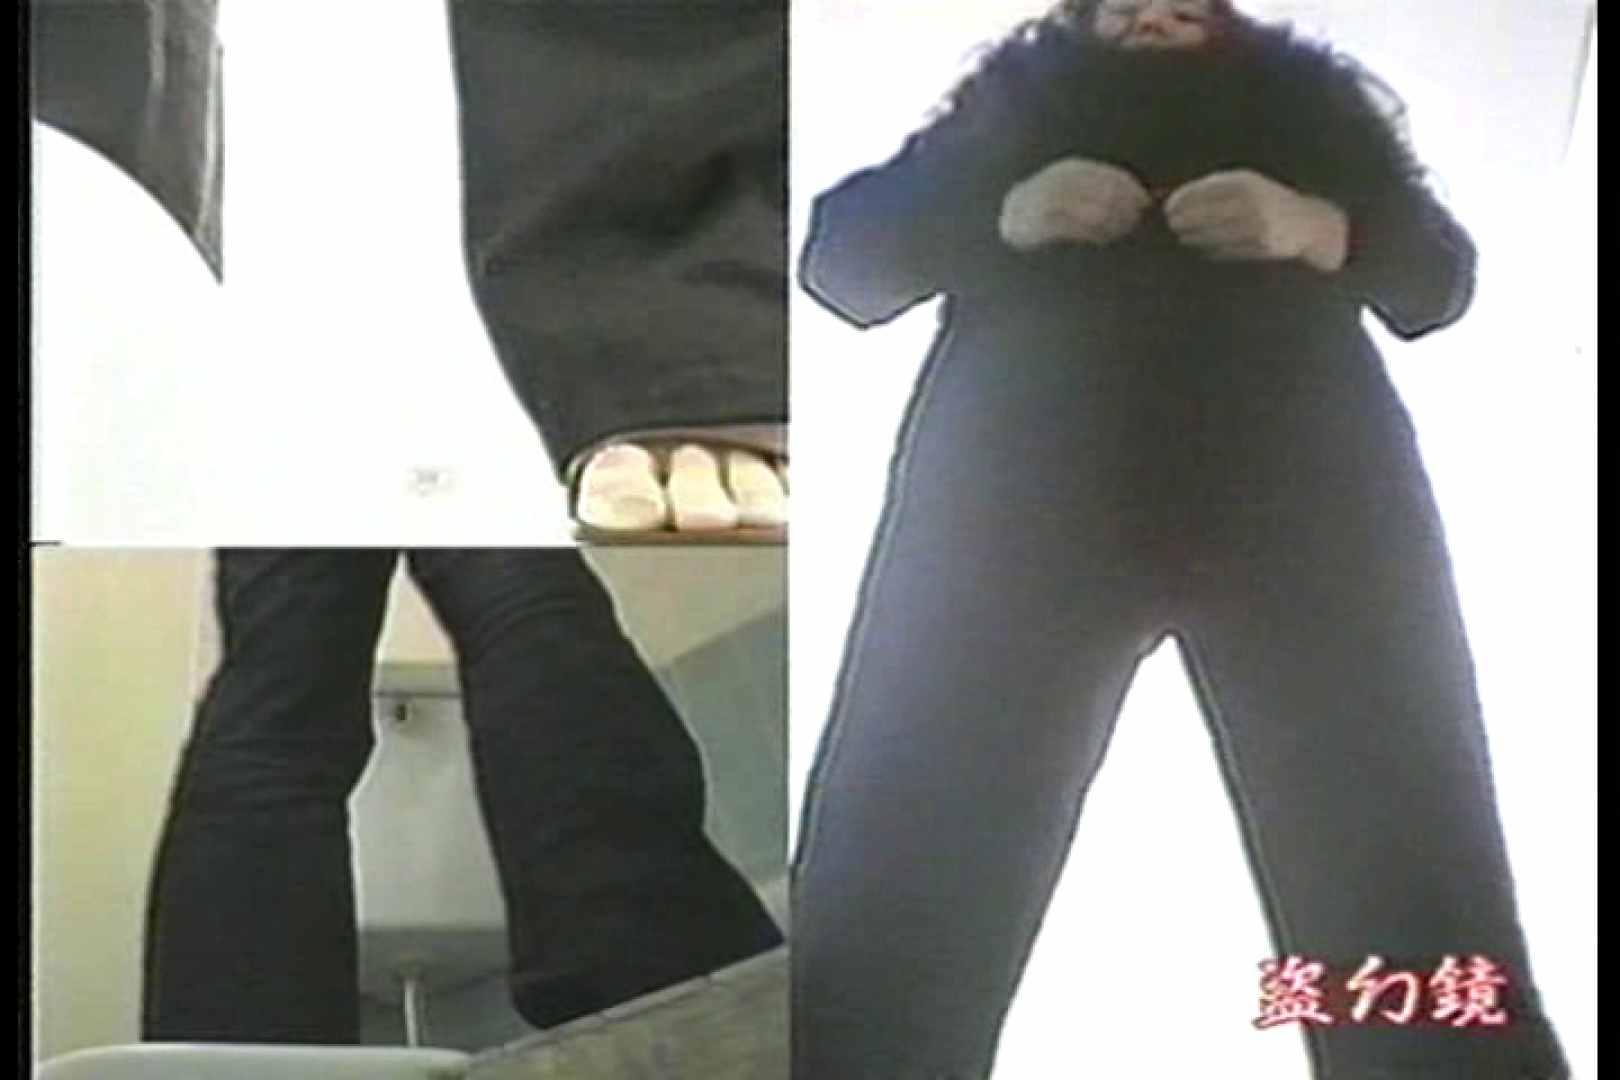 洗面所羞恥美女んMV-2 女性の肛門 すけべAV動画紹介 62画像 19